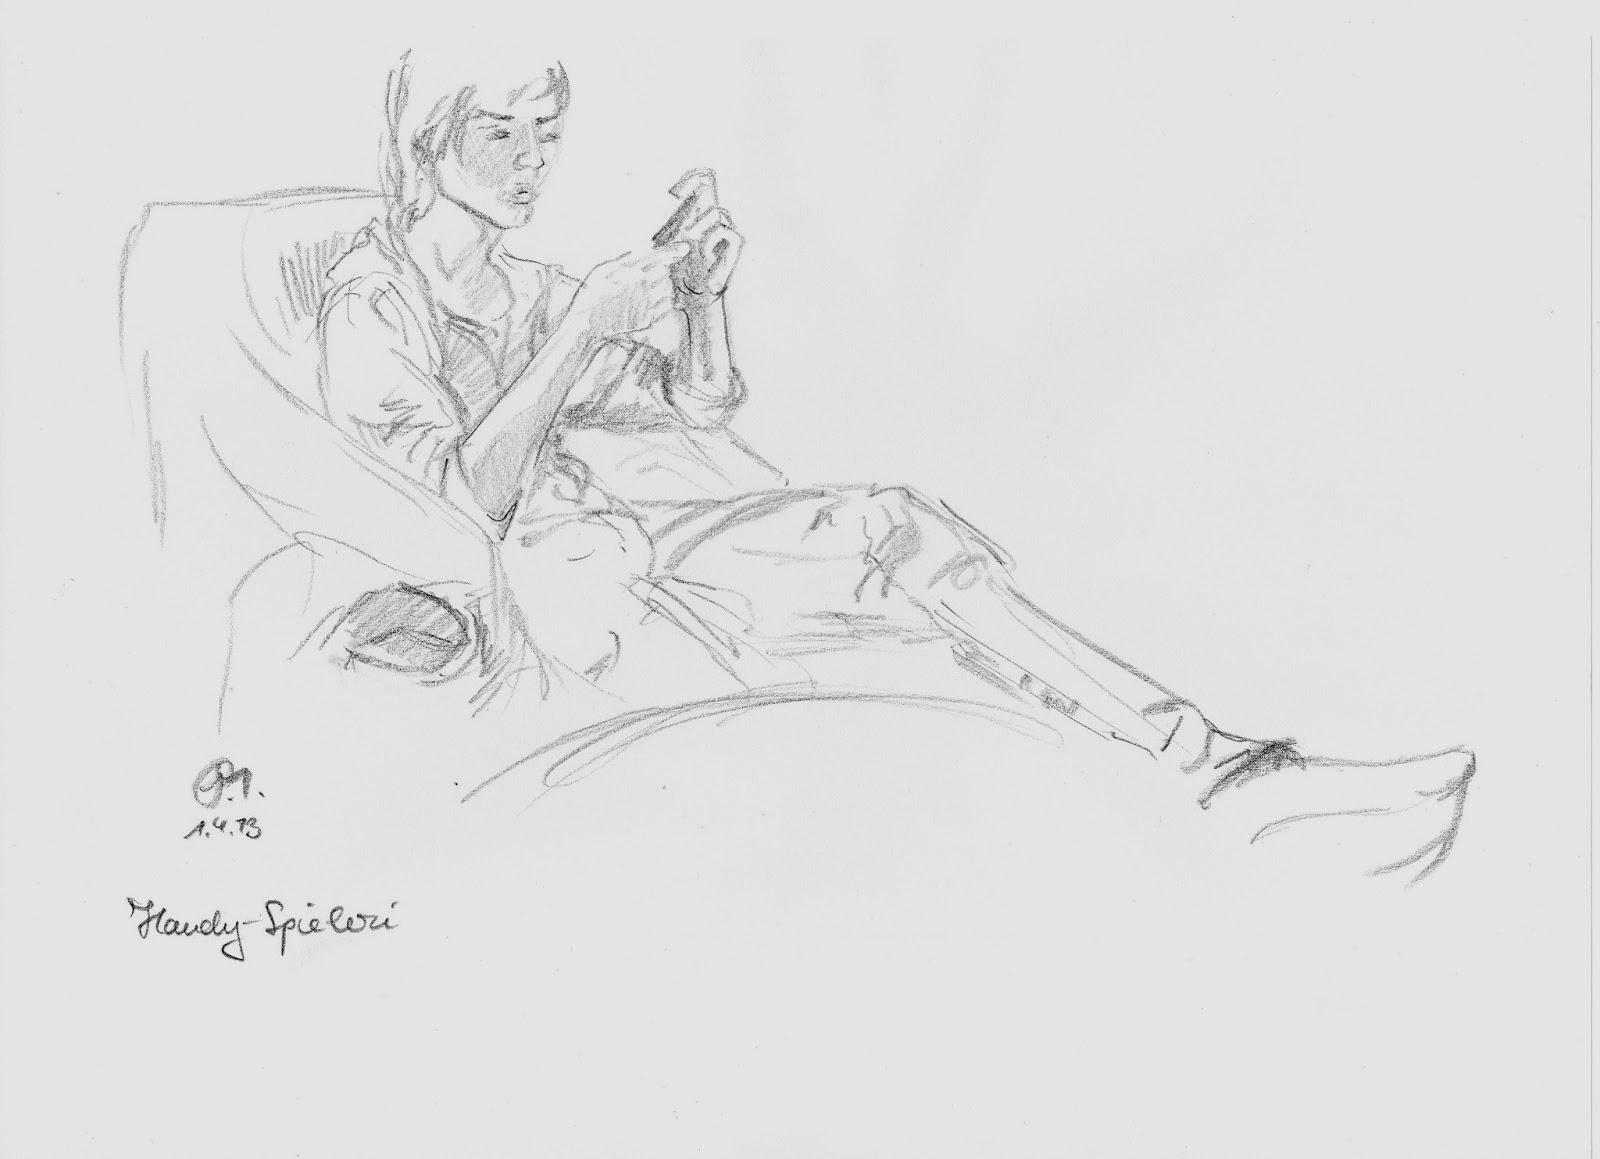 Sessel zeichnung bleistift  heute zeichnen wir ... eine Gans: viel Zeit zum zeichnen